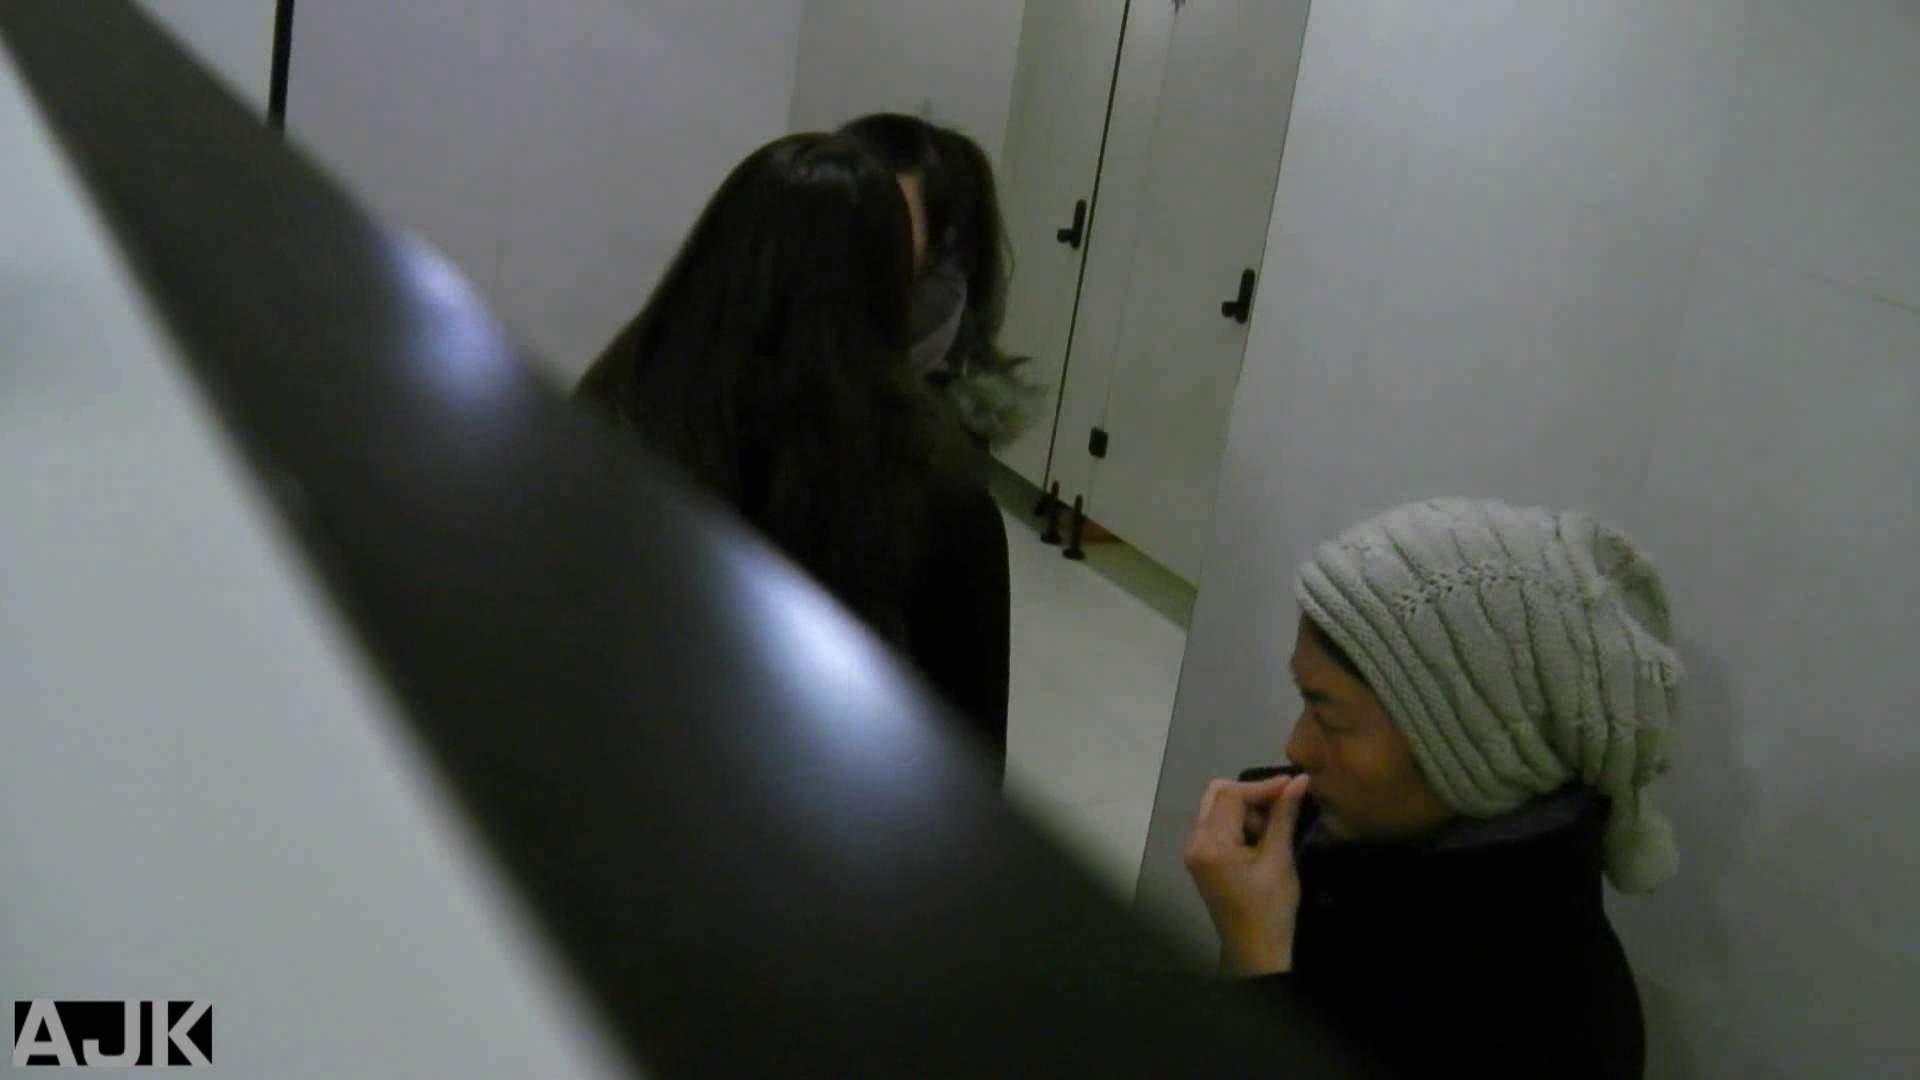 隣国上階級エリアの令嬢たちが集うデパートお手洗い Vol.07 女子トイレ編 おめこ無修正画像 48画像 32